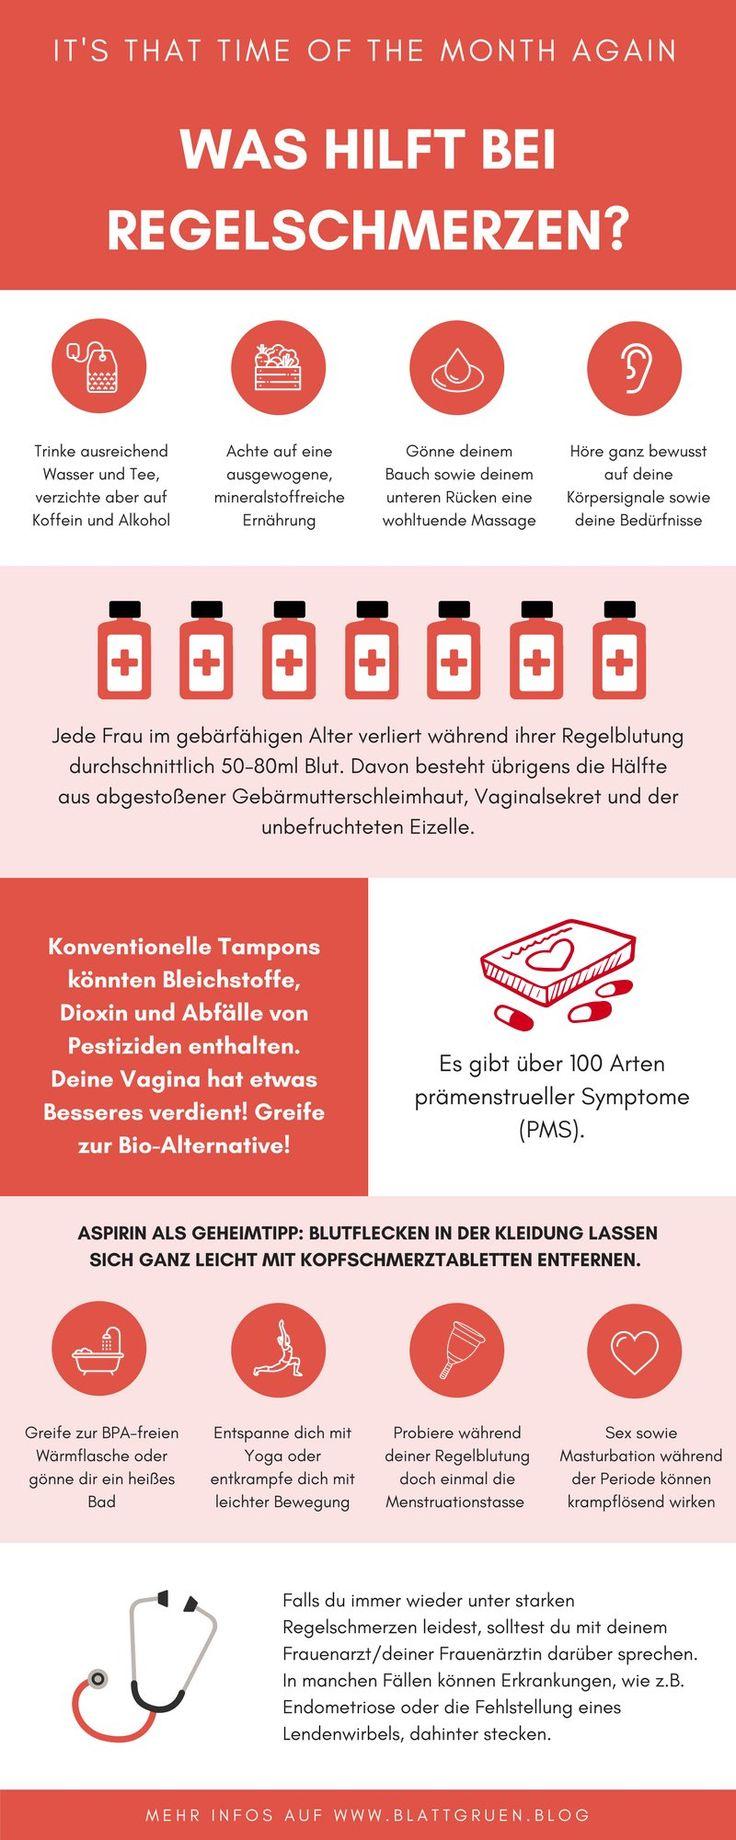 Läuft bei mir #2Nachhaltige Tipps gegen Regelschmerzen – blattgrün